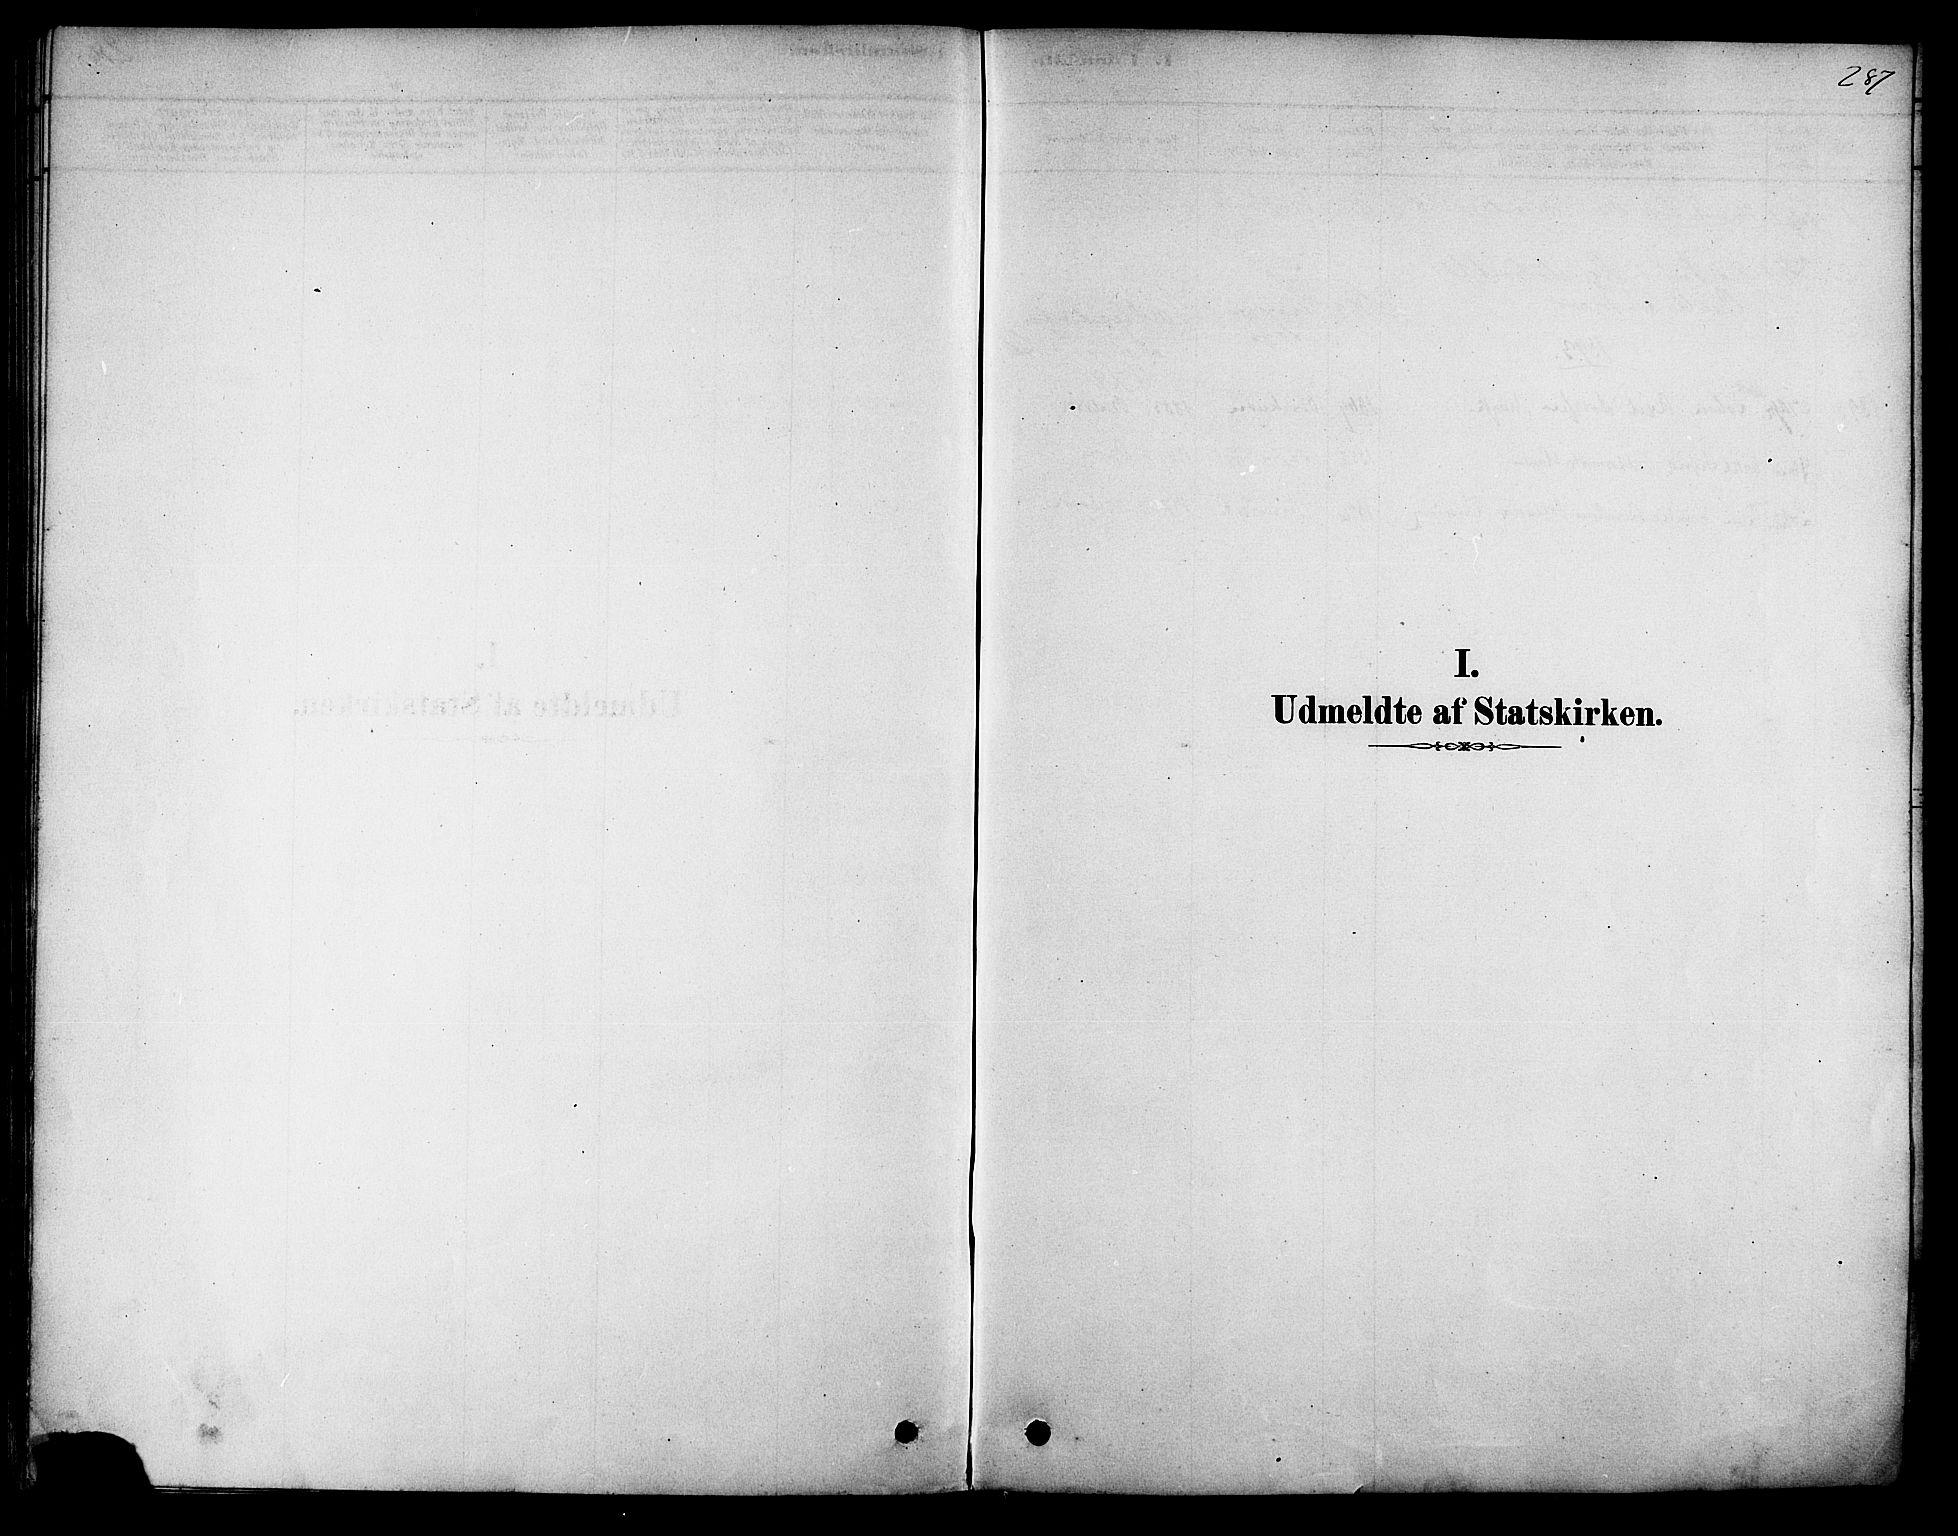 SAT, Ministerialprotokoller, klokkerbøker og fødselsregistre - Sør-Trøndelag, 616/L0410: Ministerialbok nr. 616A07, 1878-1893, s. 287